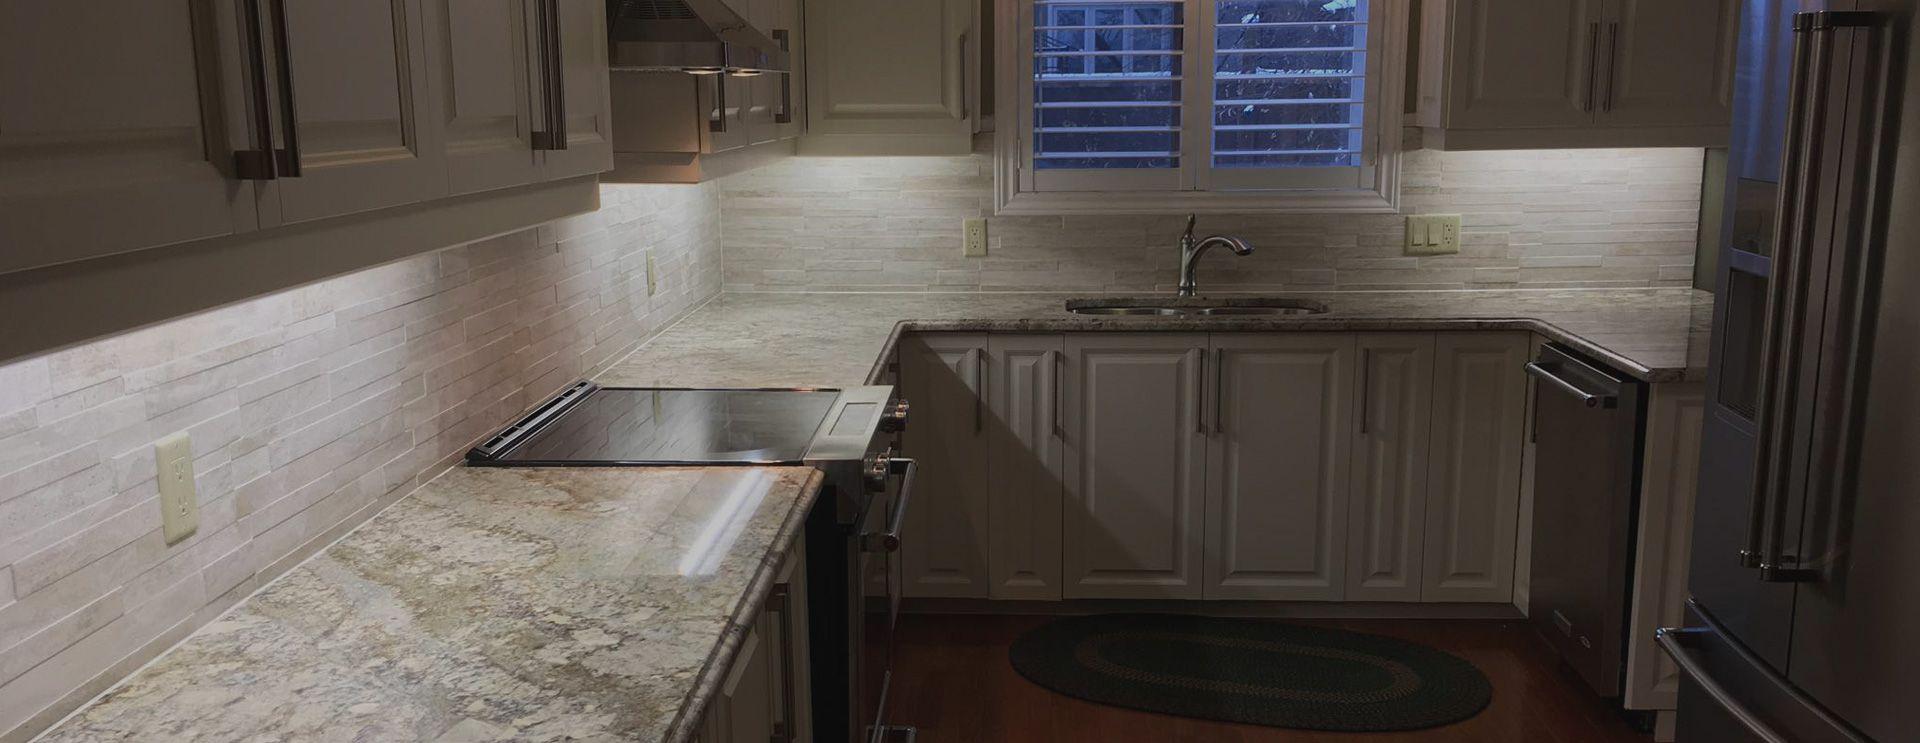 Kitchen Post Renovations